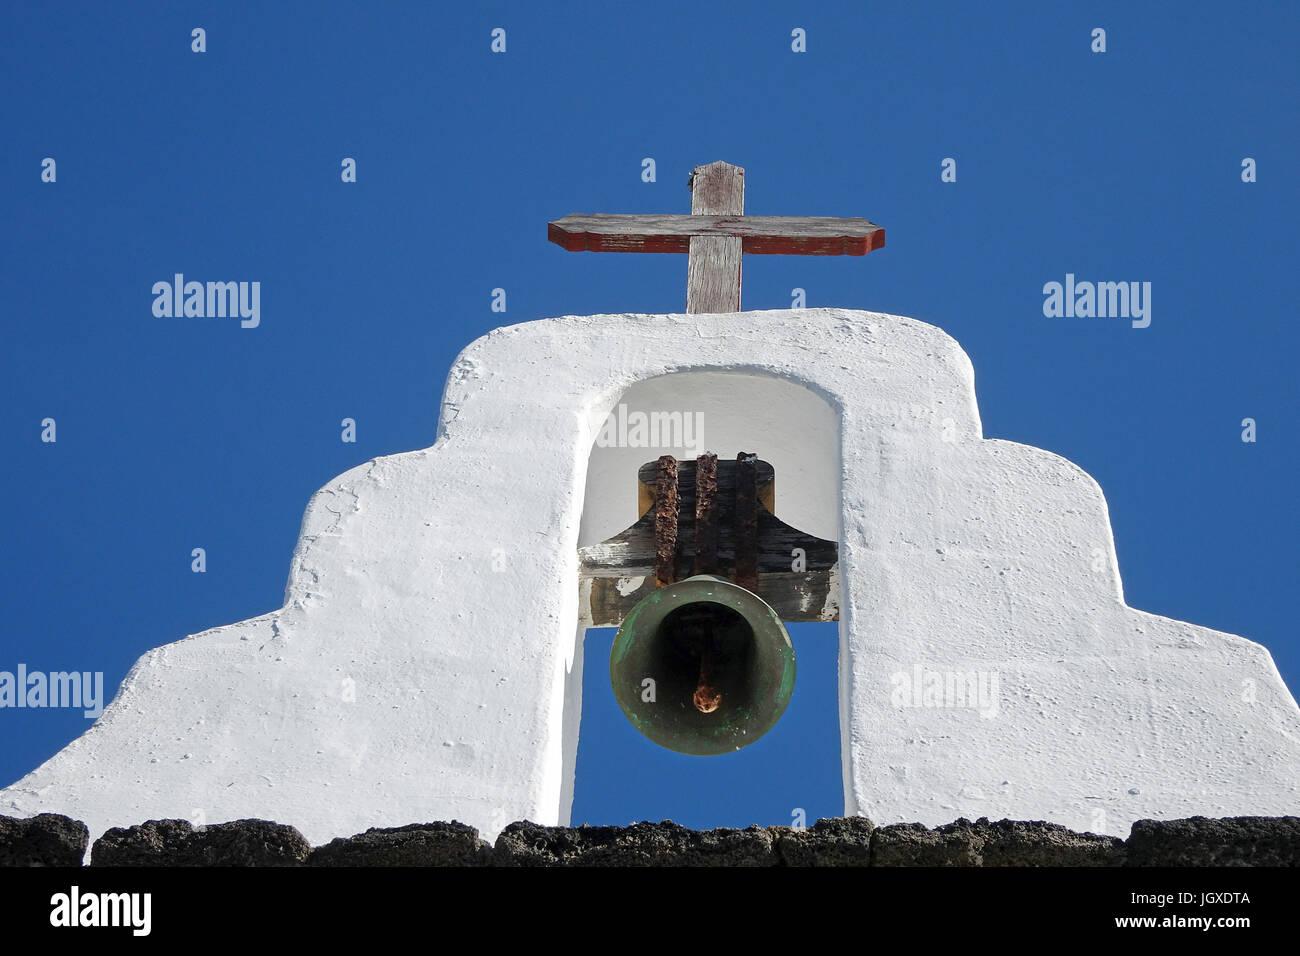 Glockenstuhl der Kirche Iglesia de San Roque in Tinajo, Lanzarote, Kanarische Inseln, Europa | Glocke der Kirche Stockbild